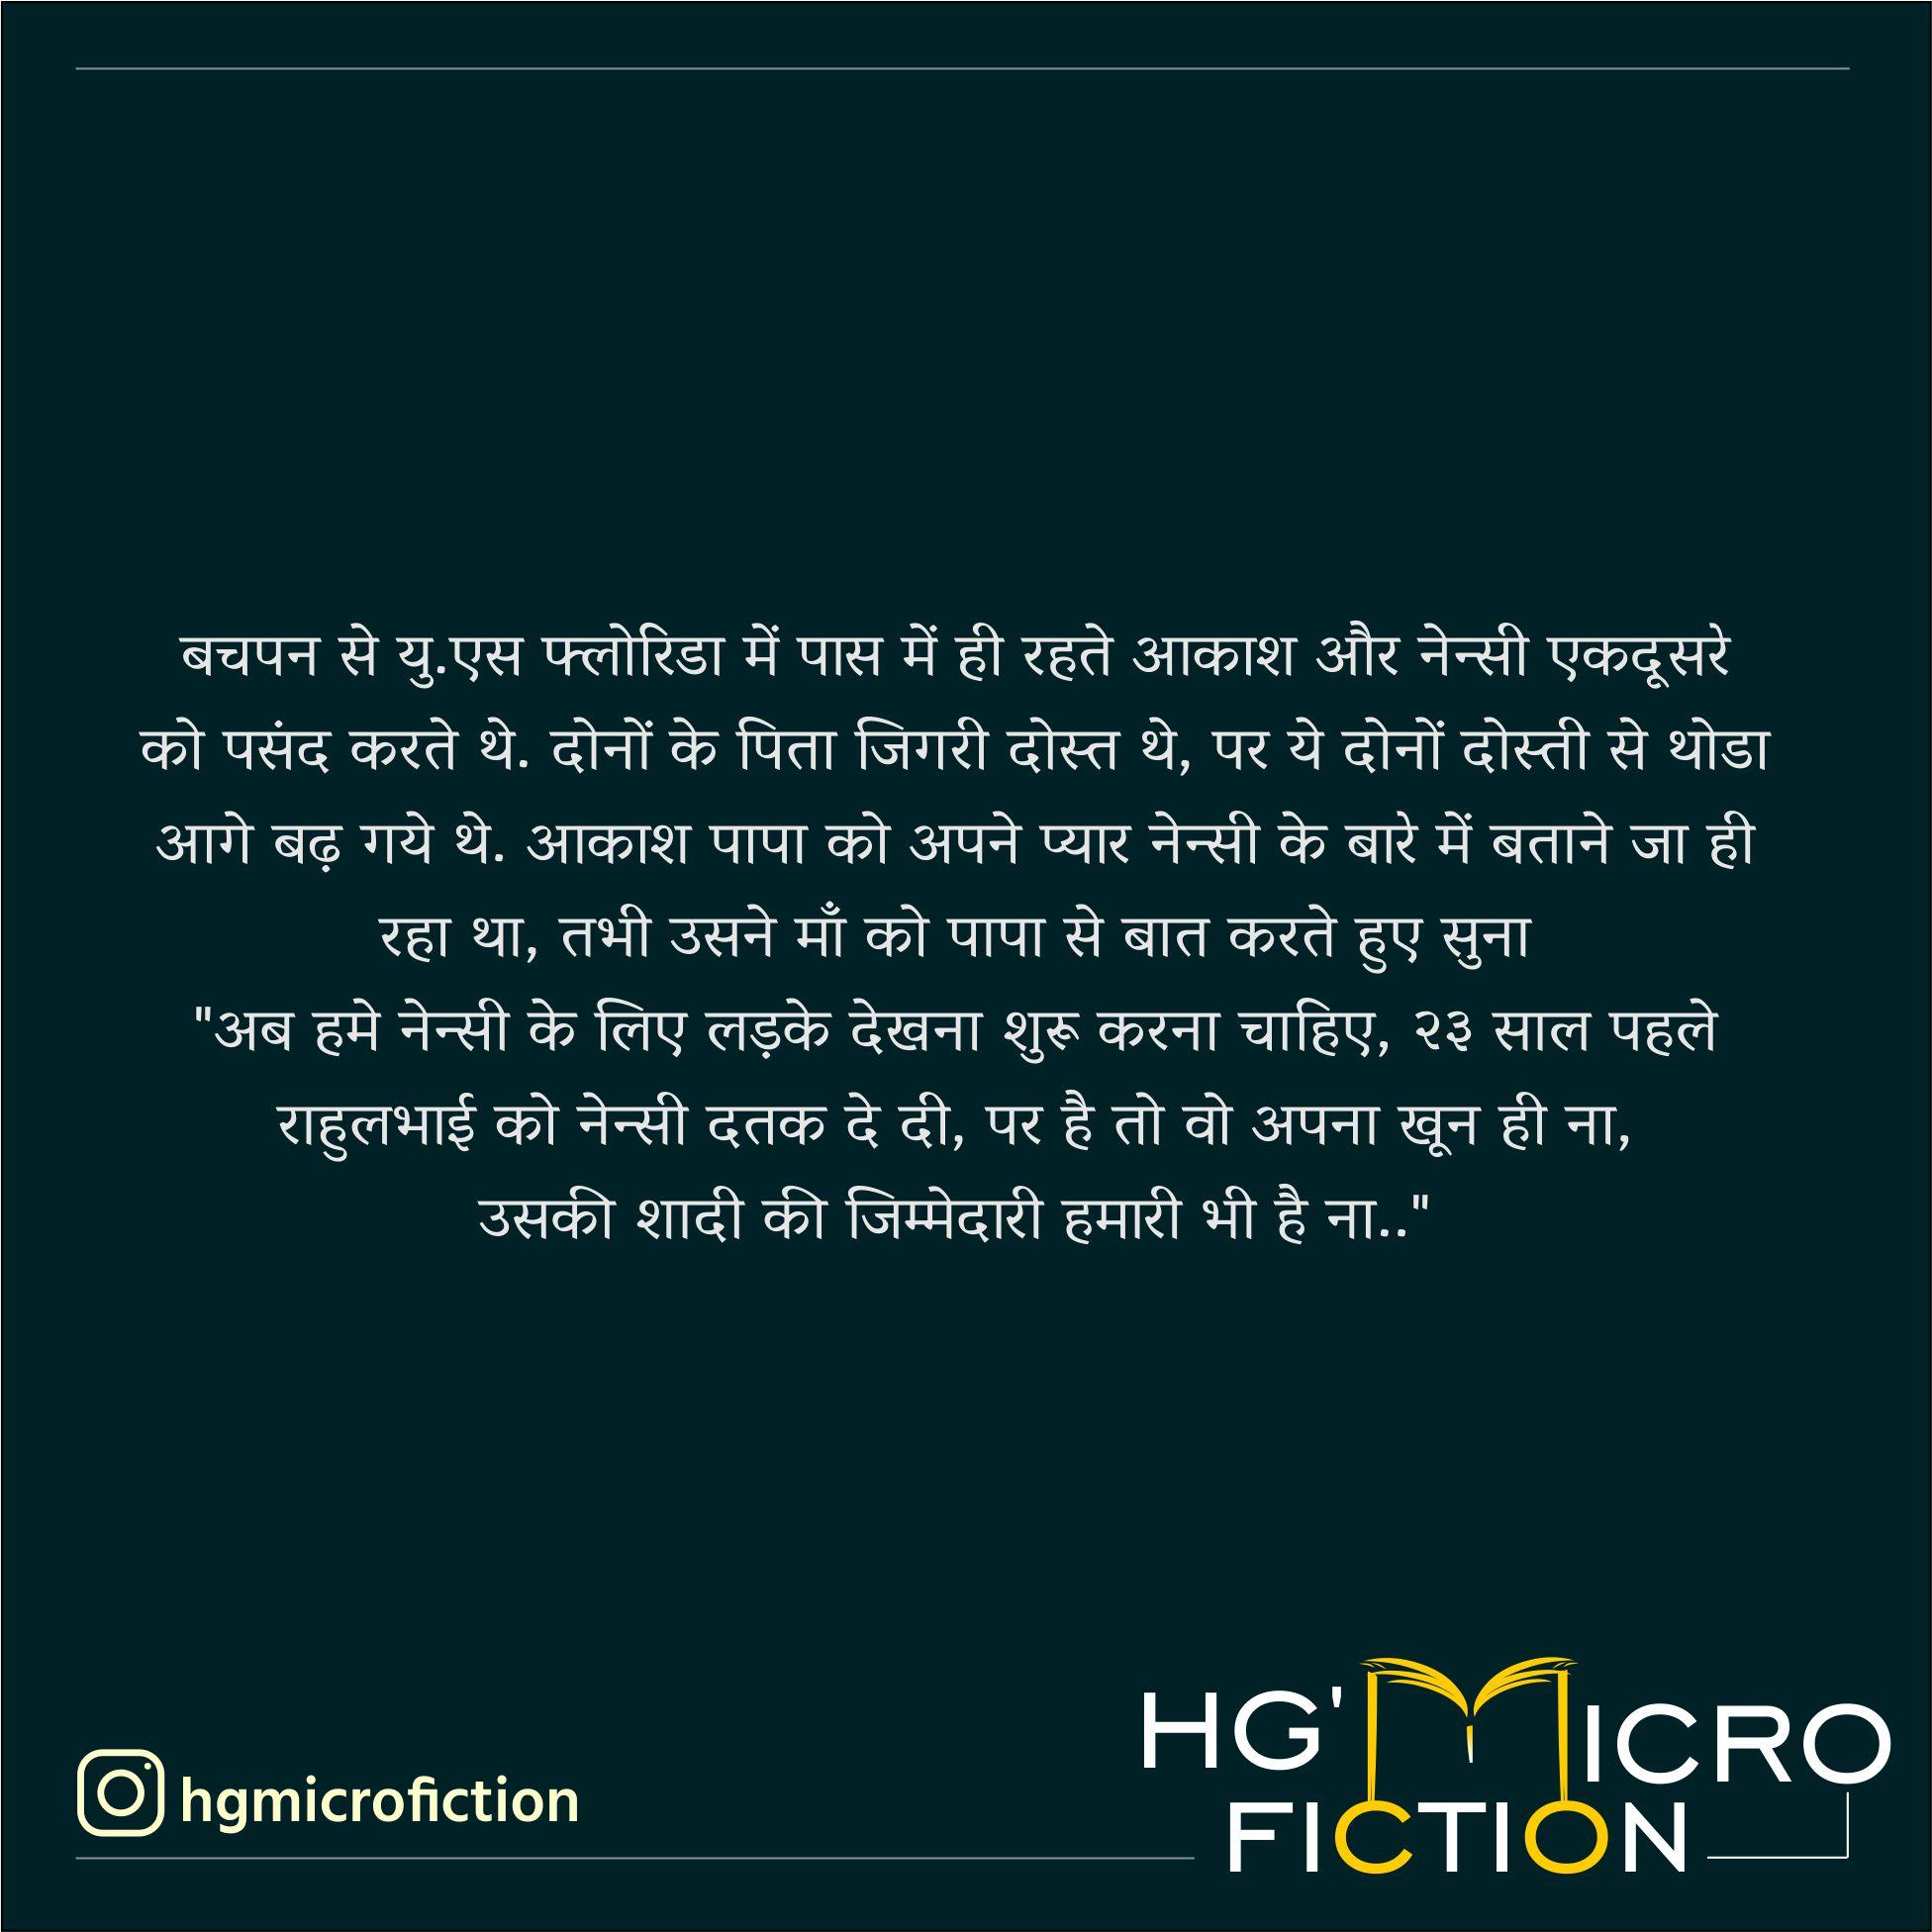 Short story by Hardik Gajjar